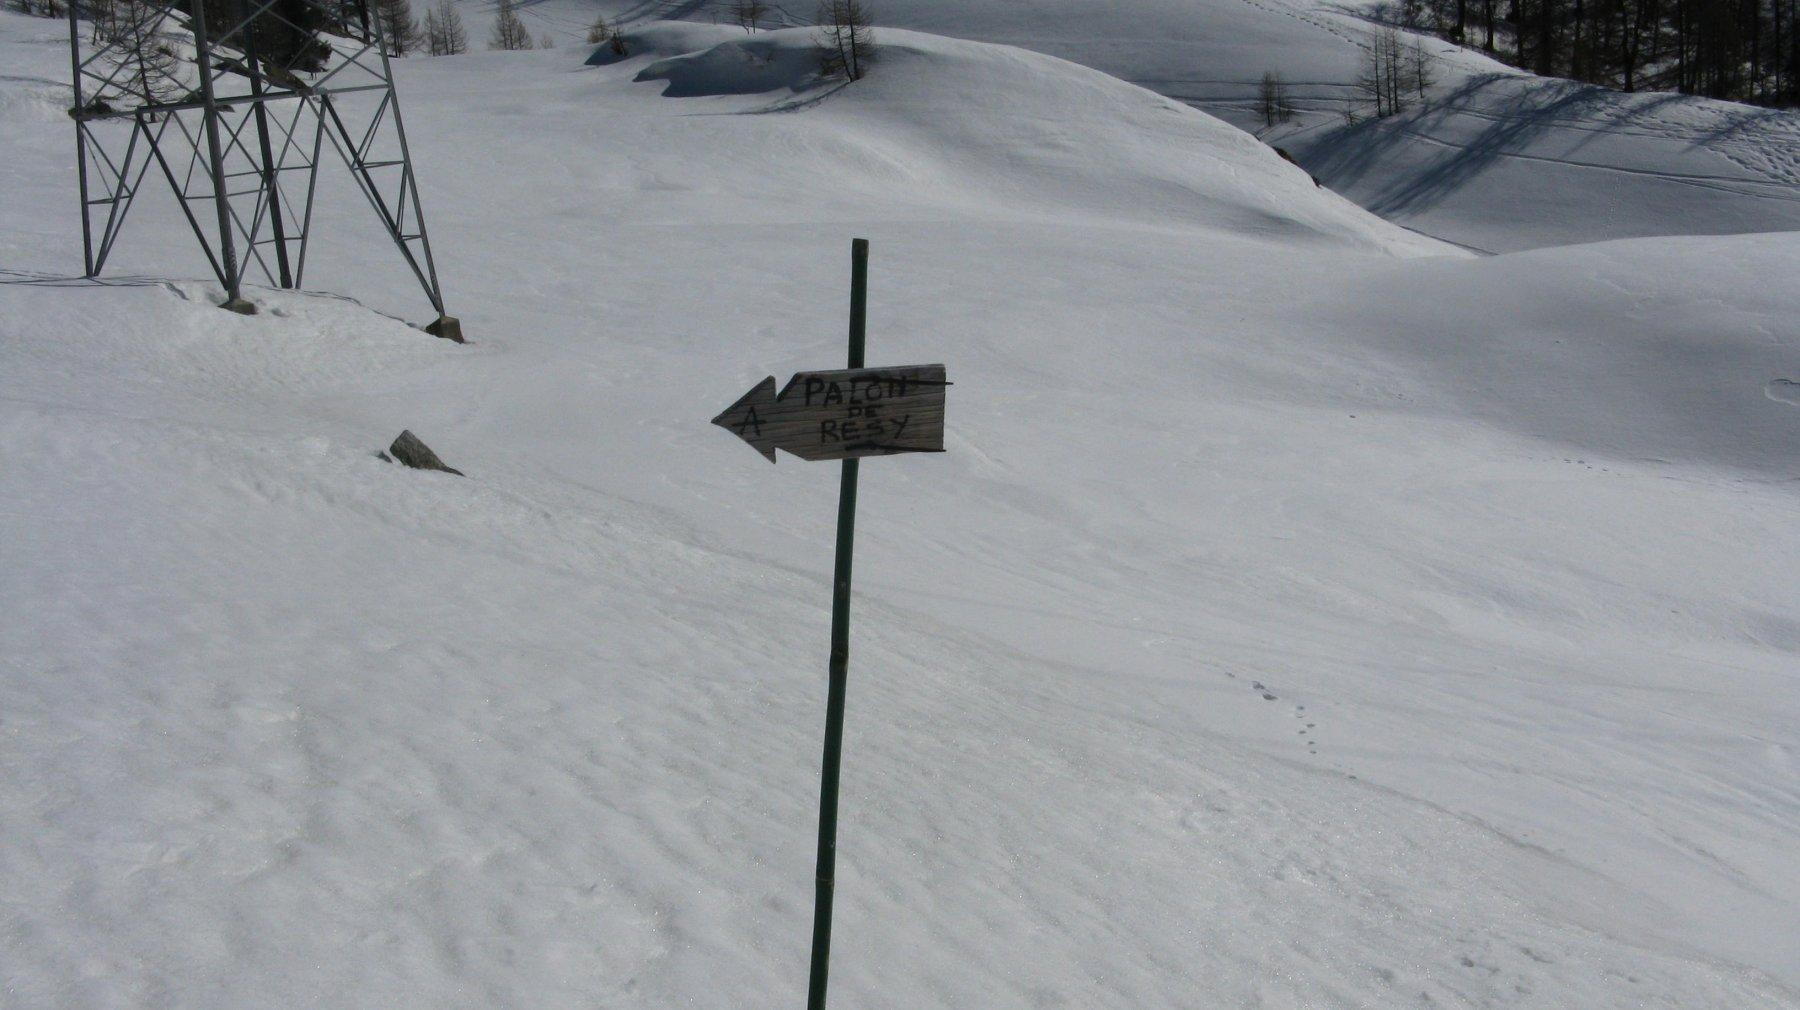 indicazioni all'inizio del sentiero dopo il rifugio